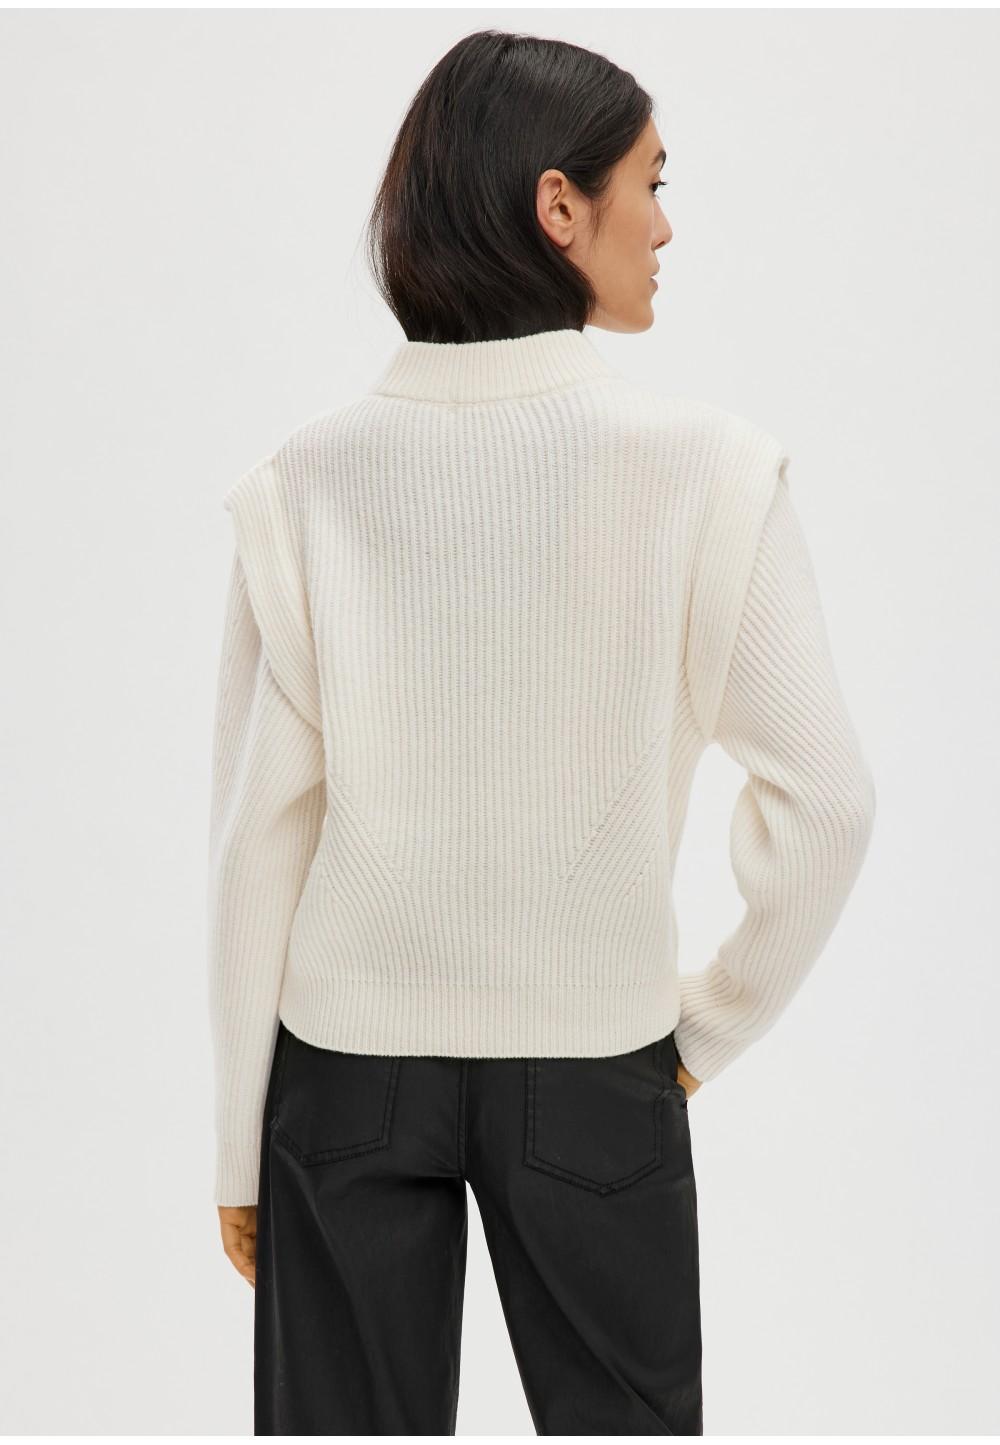 Свитер из шерсти с элегантными деталями на плечах